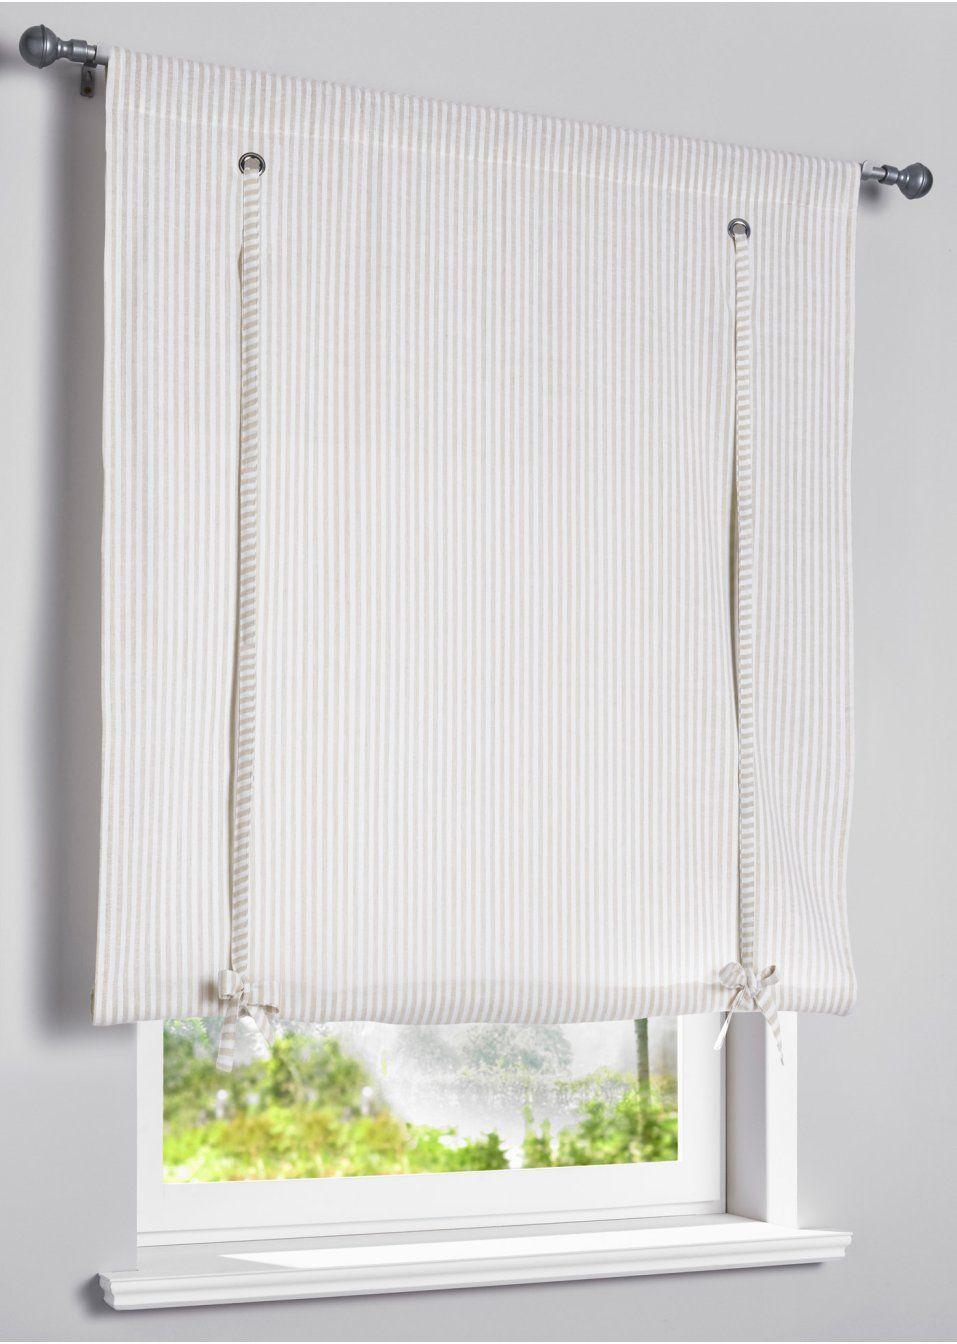 4dd4d17965a98b Jetzt anschauen: Eine schöne Dekoration für Dein Fenster bietet die  Bindegardine